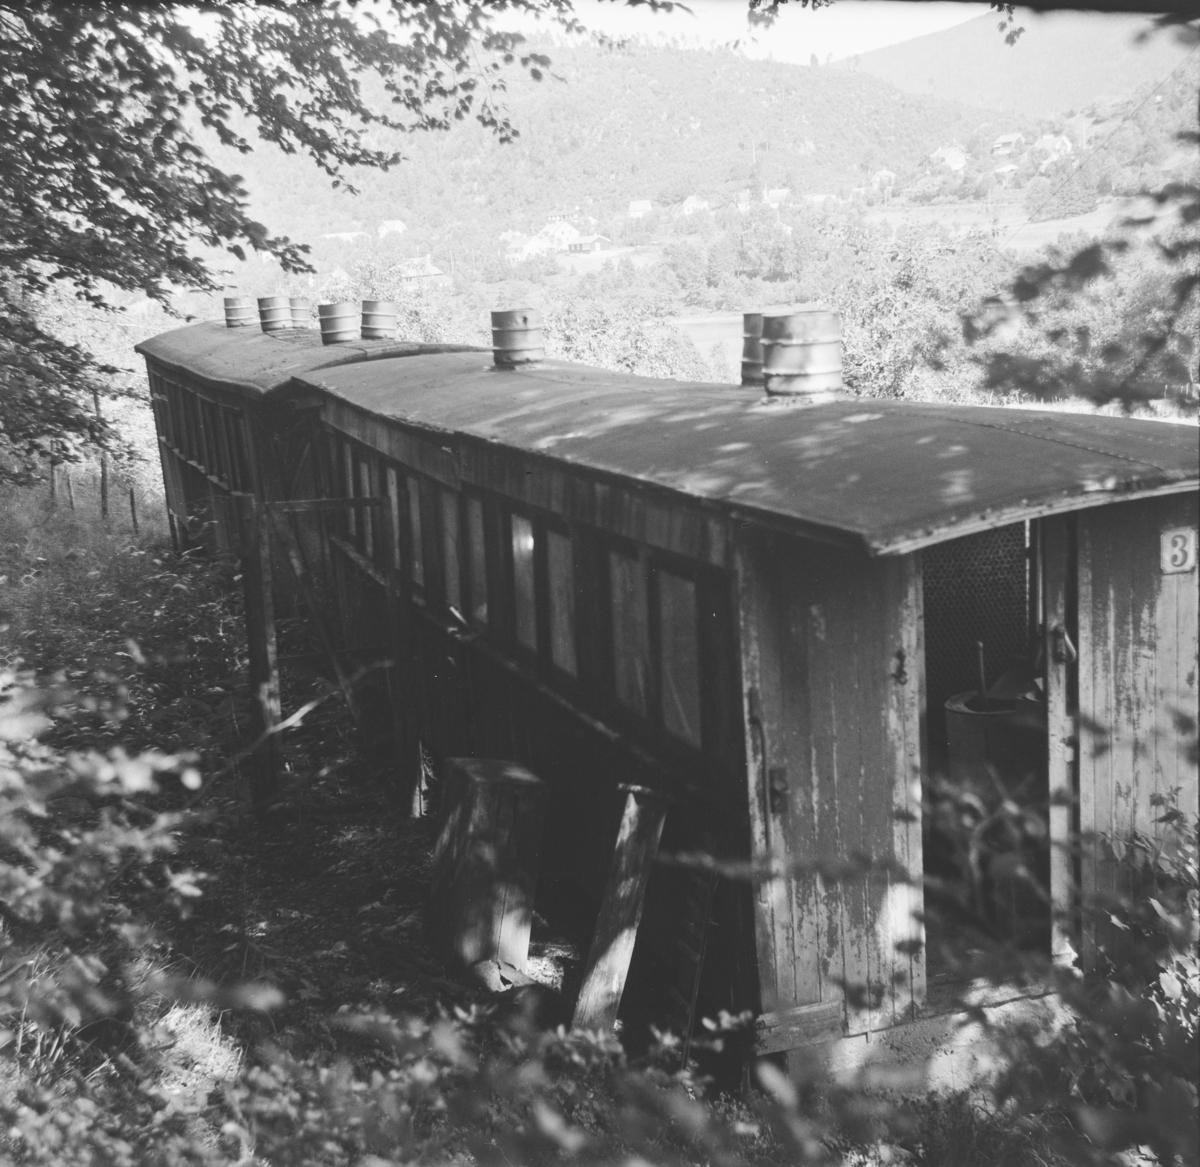 Vognkasser fra Nesttun-Osbanen. Vognen nærmest er bygget av Oldbury, vognen bak er bygget av Skabo.